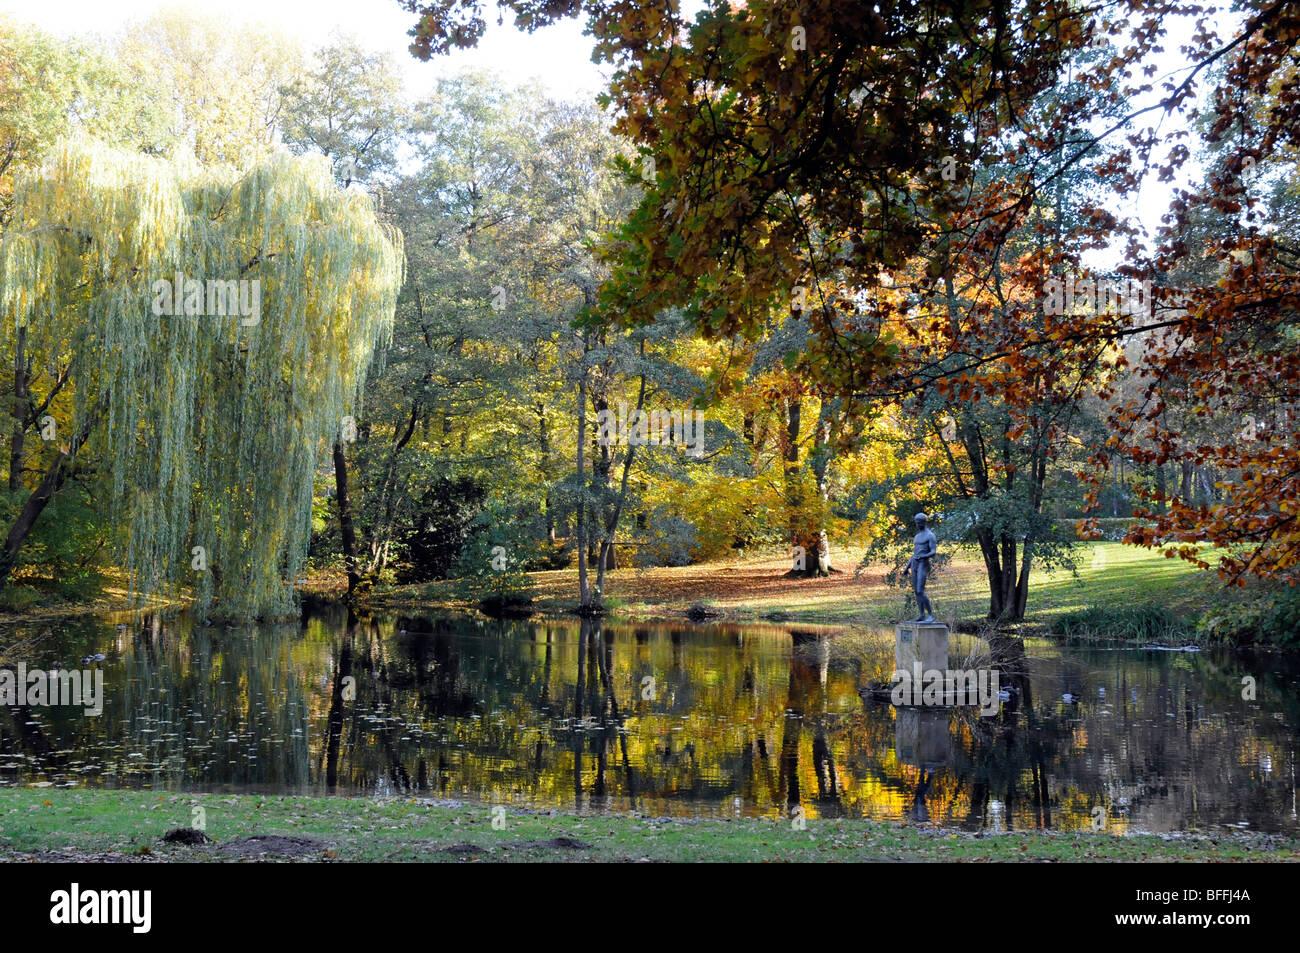 Lake in the Tiergarten park, Berlin. - Stock Image